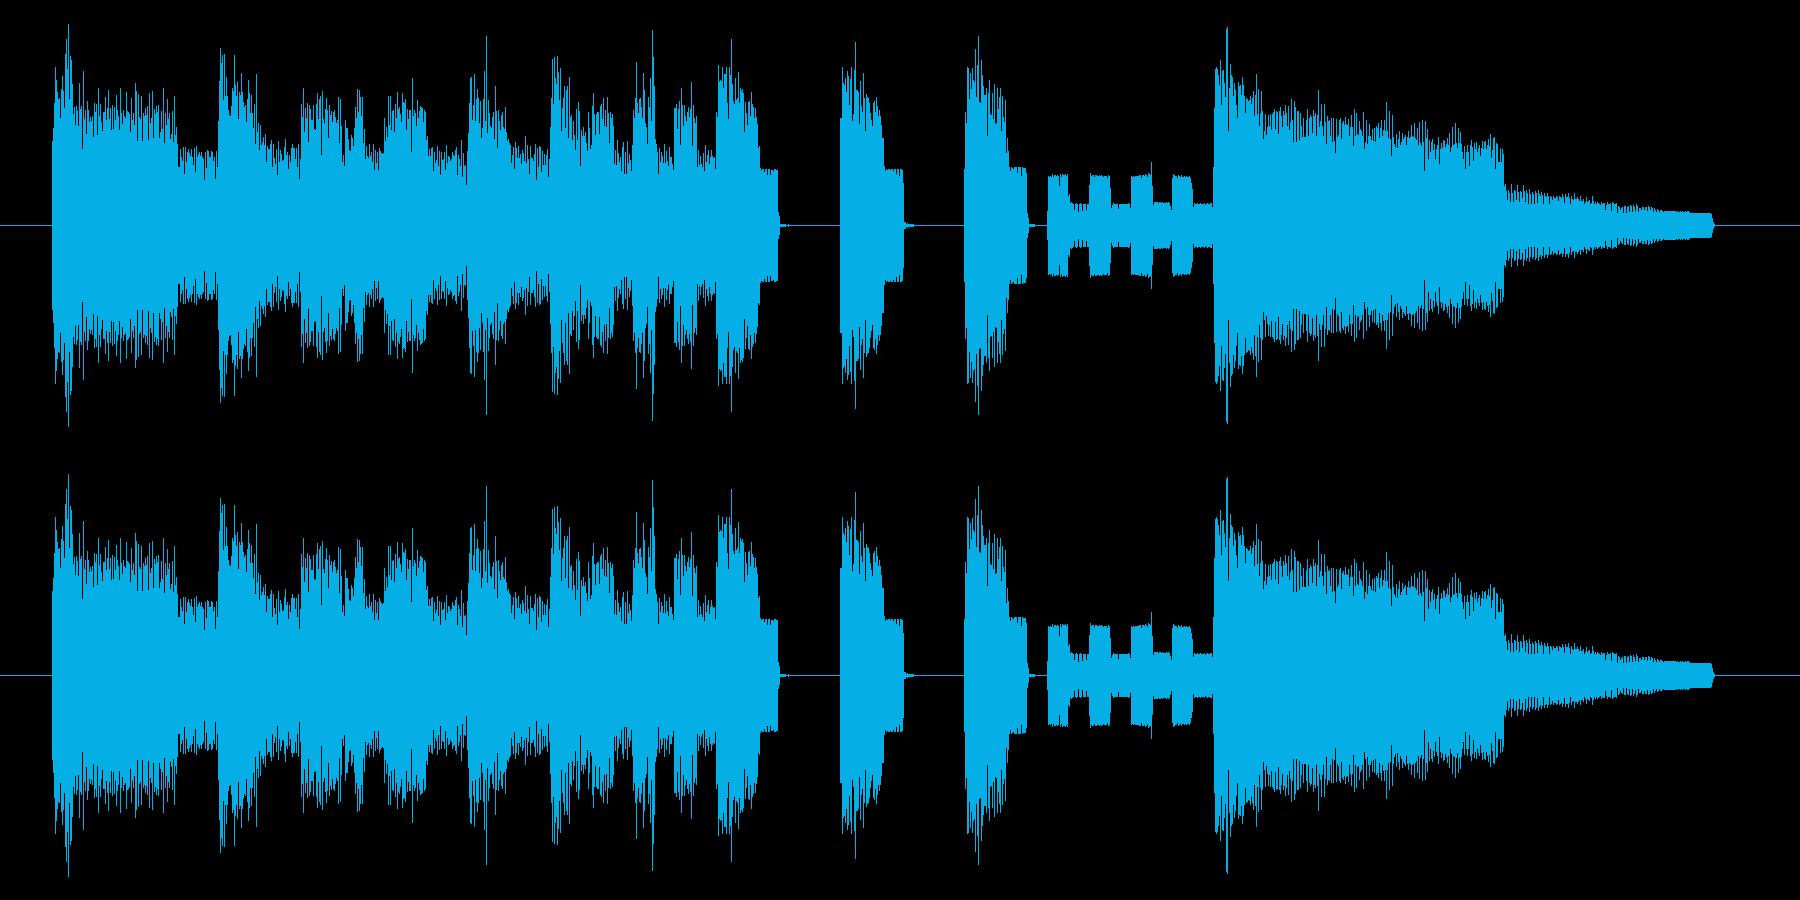 GB風スポーツゲームのジングルの再生済みの波形